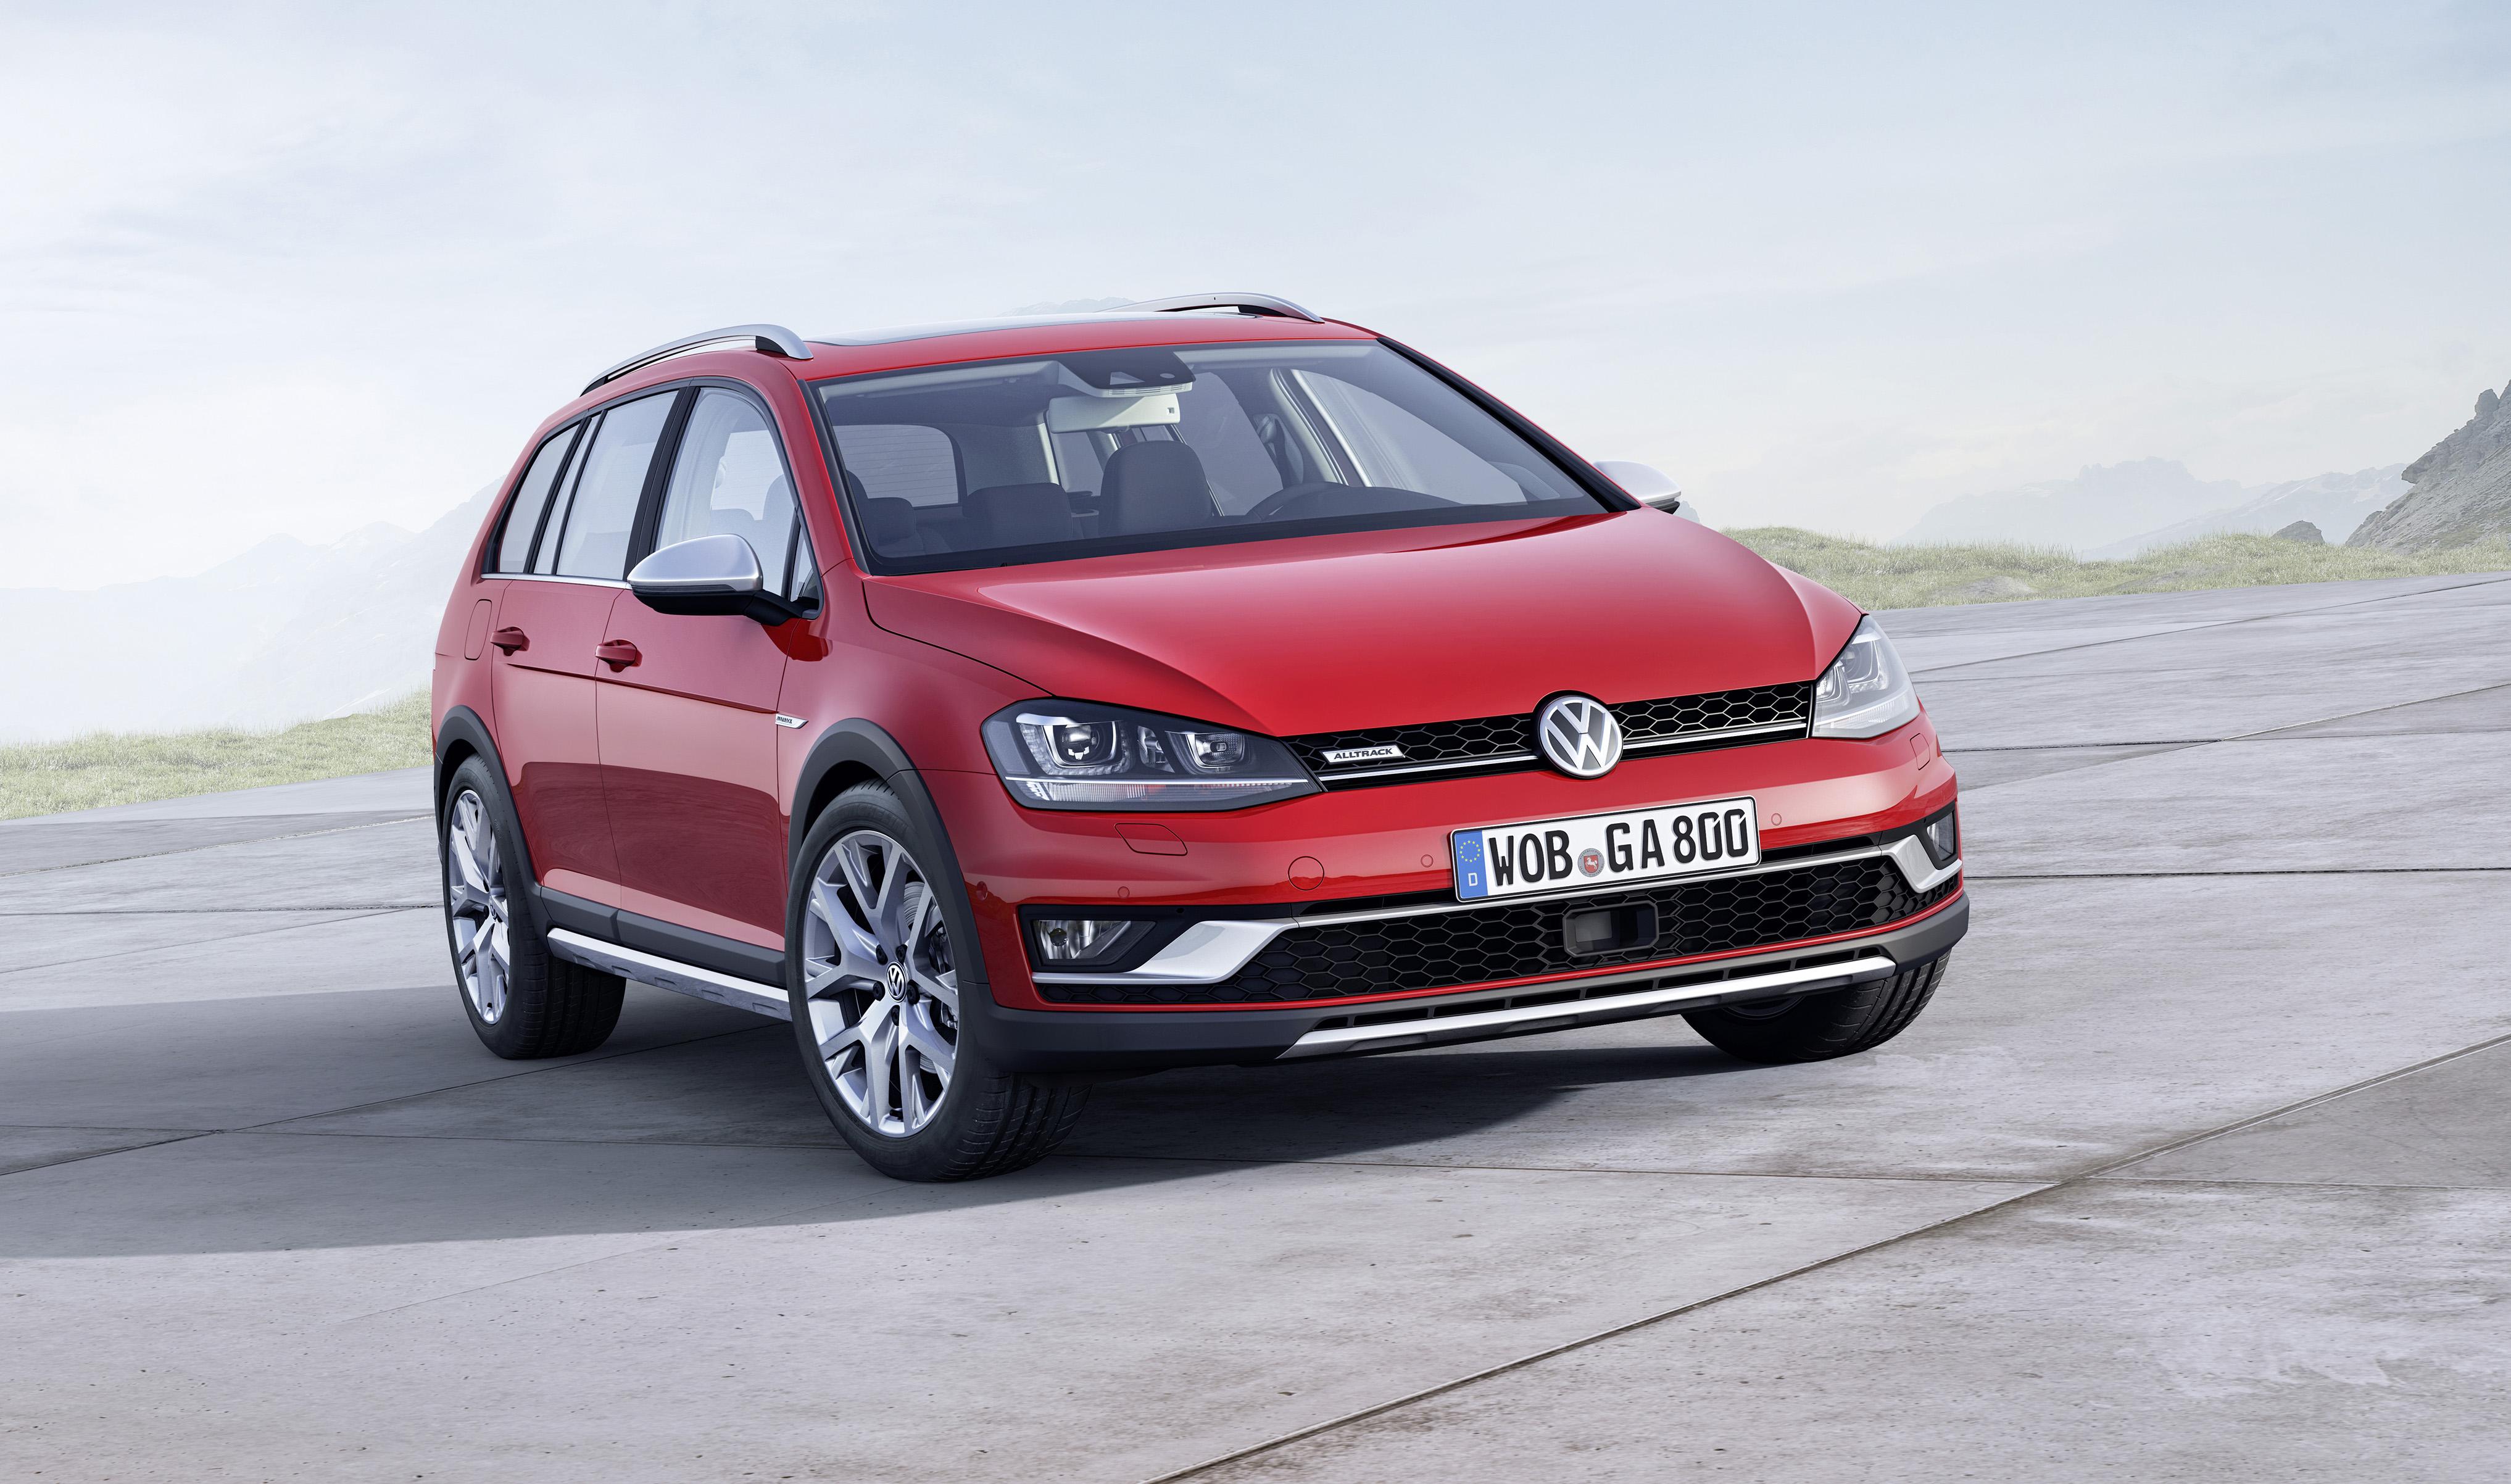 New VW Golf SportWagen Lease in Manchester, NH | Quirk Volkswagen